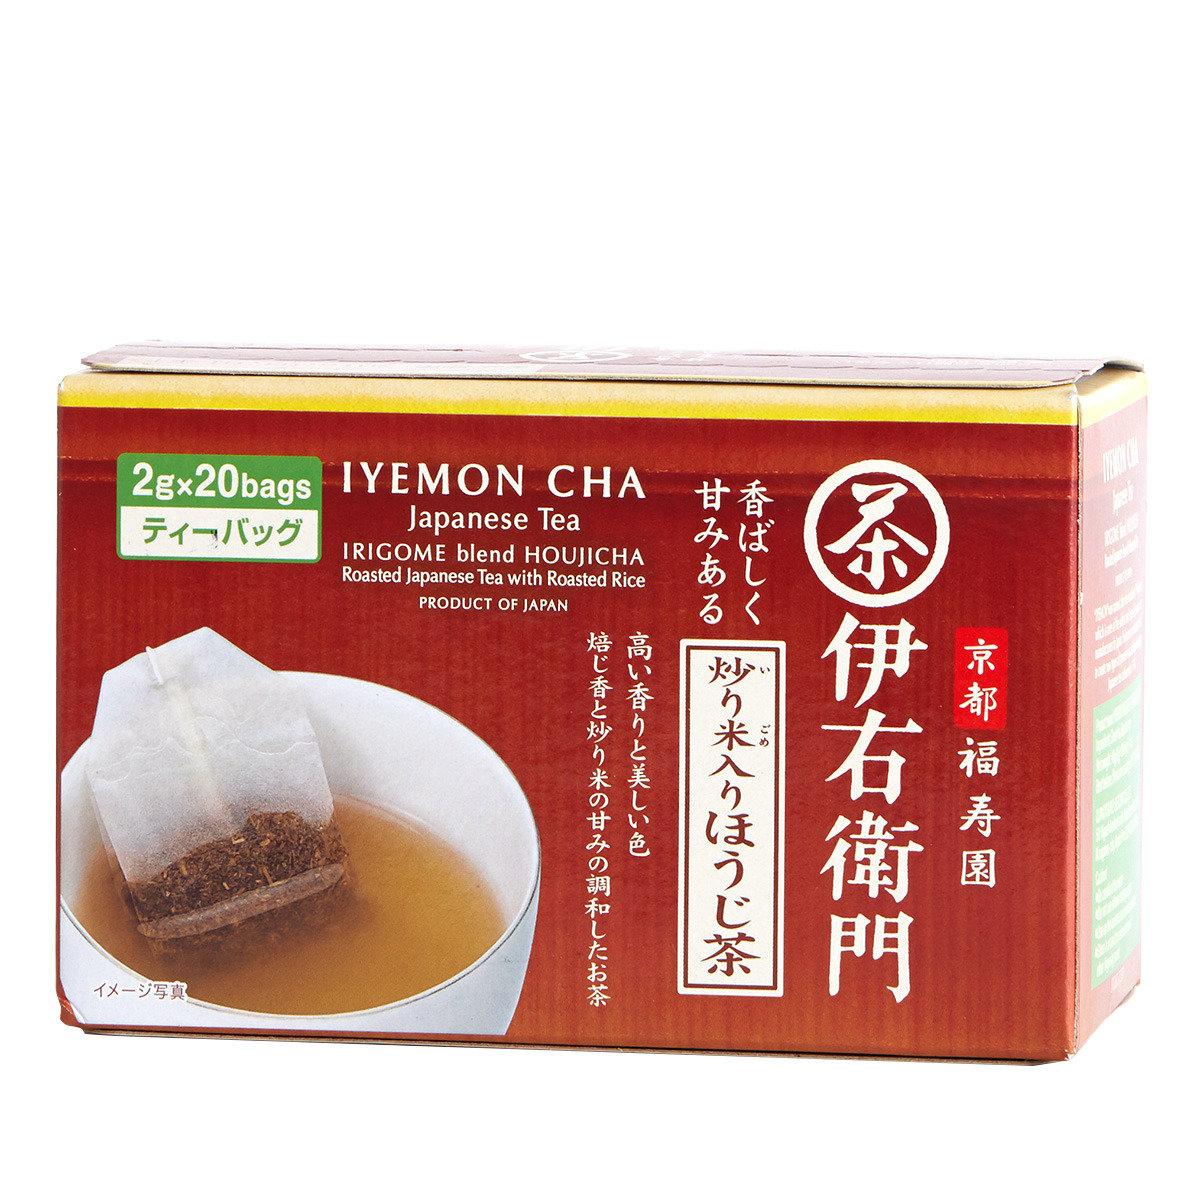 伊右衛門炒米焙茶茶包